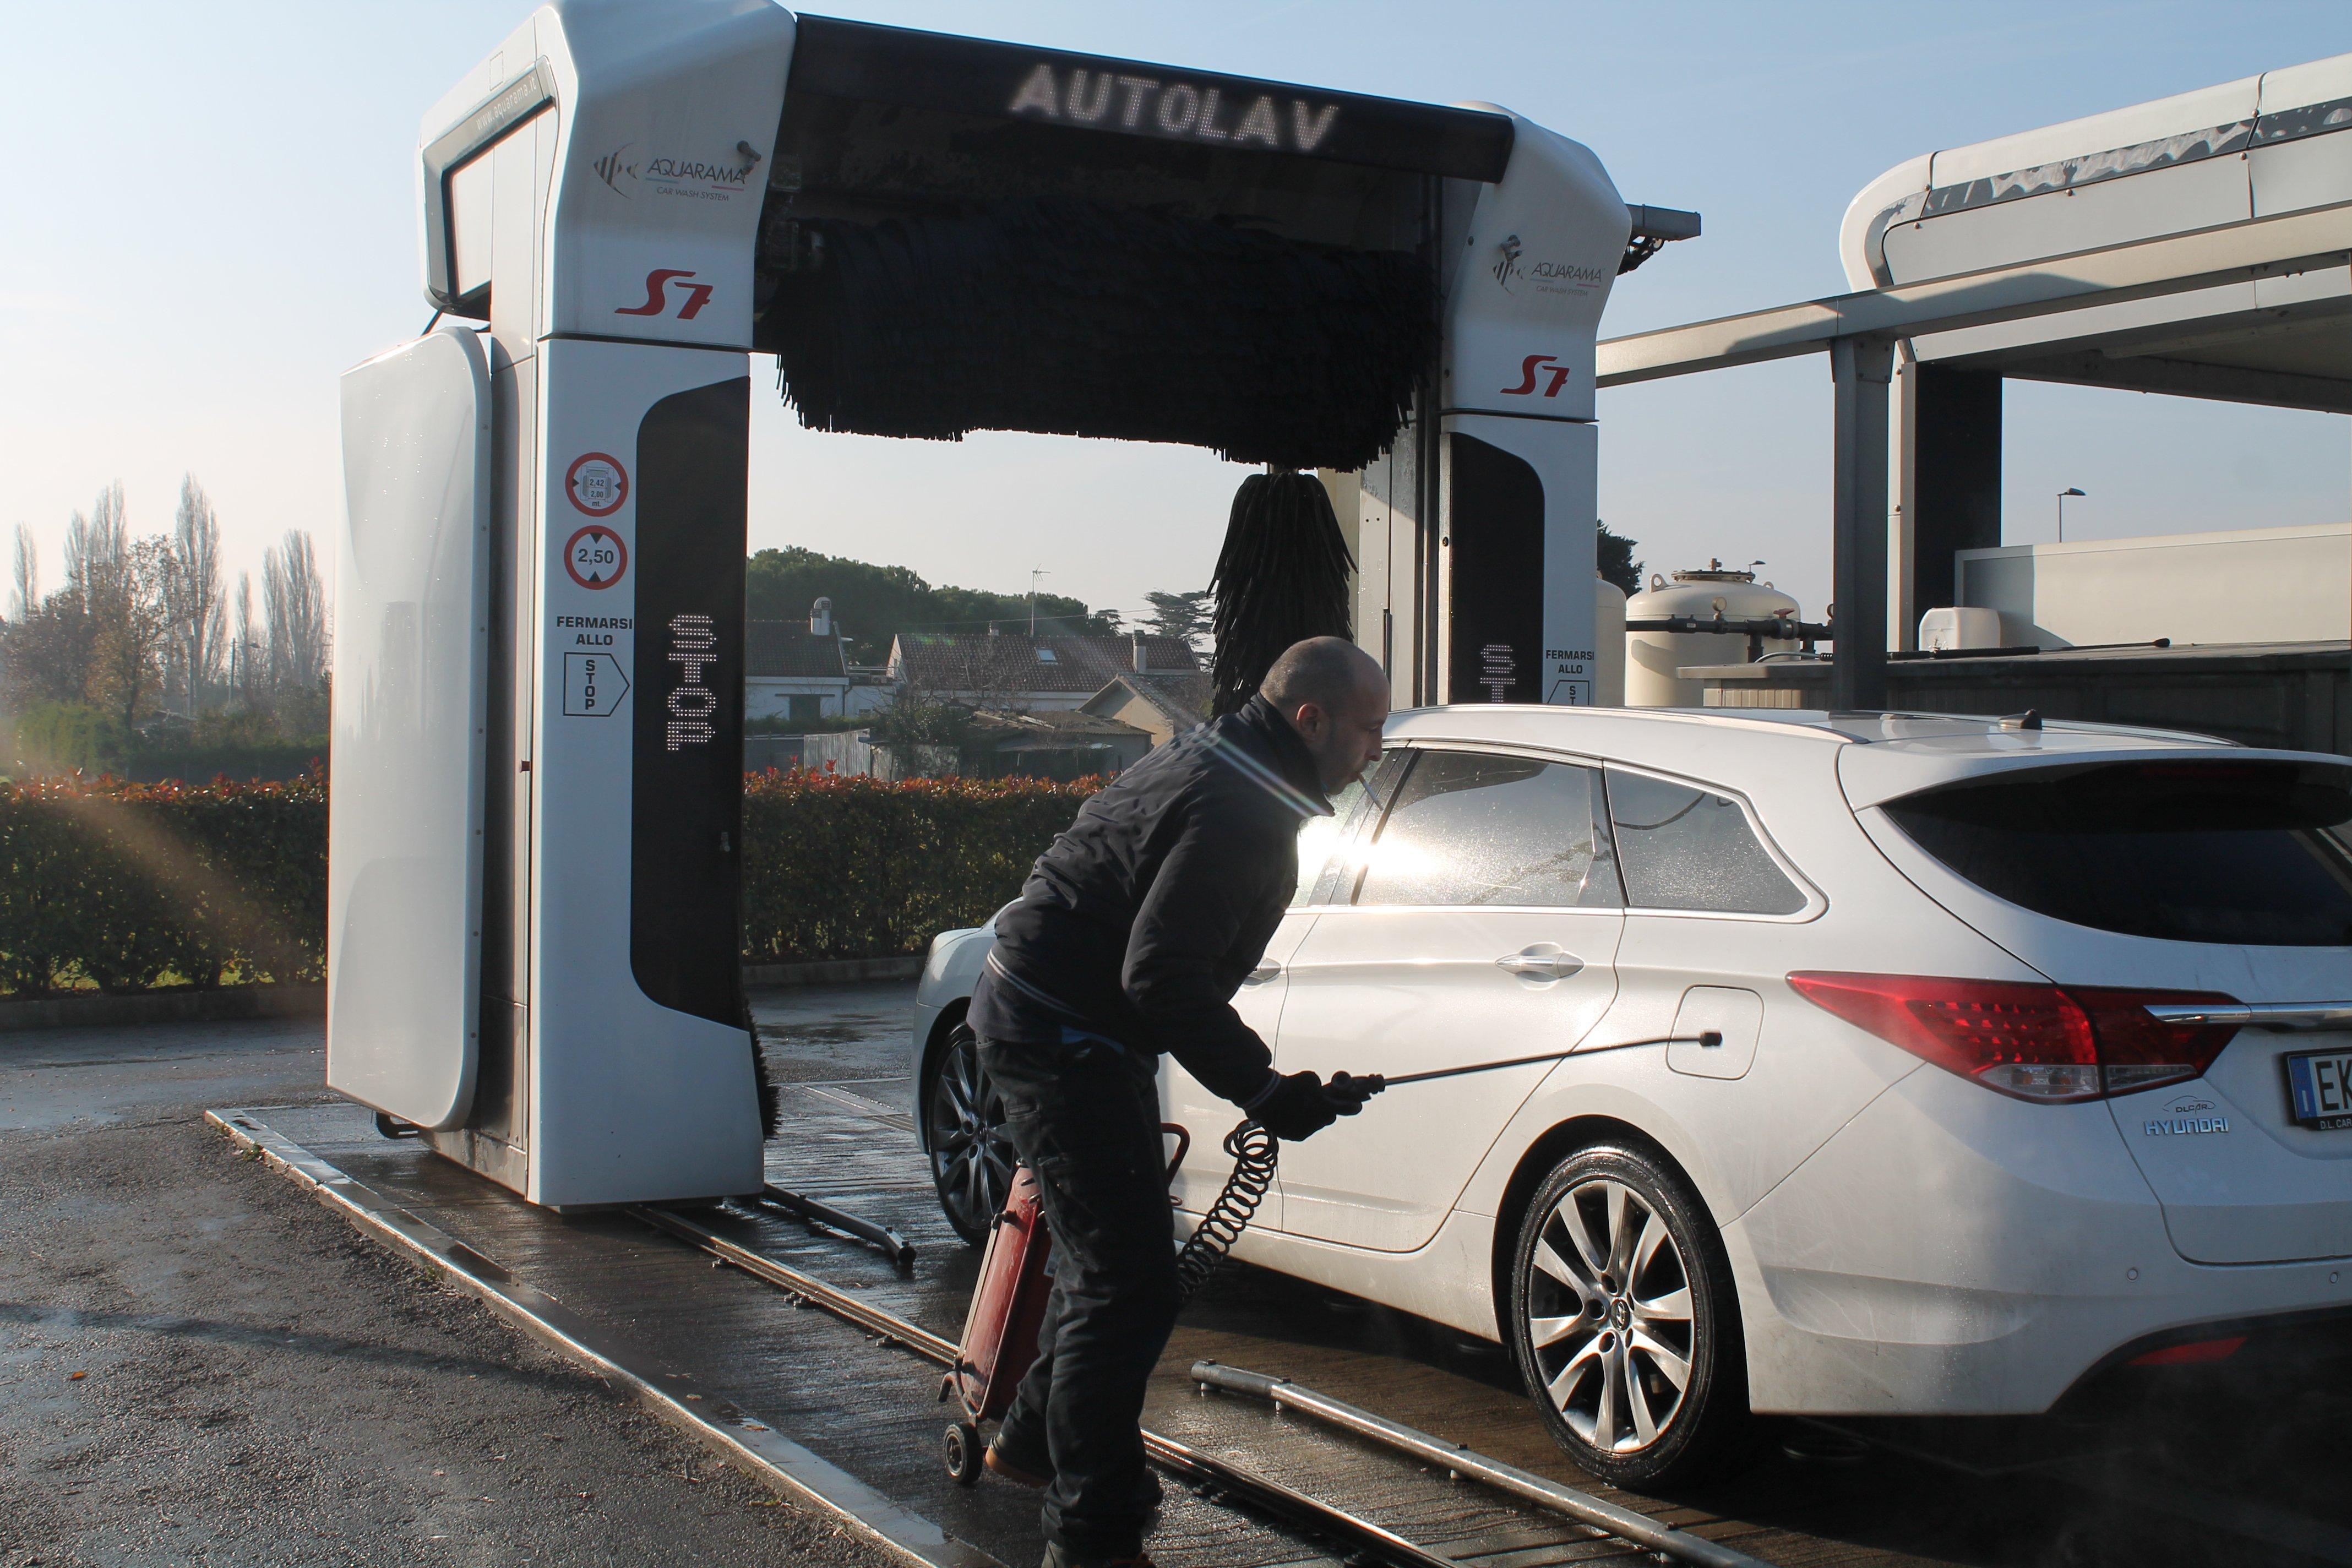 Una macchina utilitaria boanca in un autolavaggio